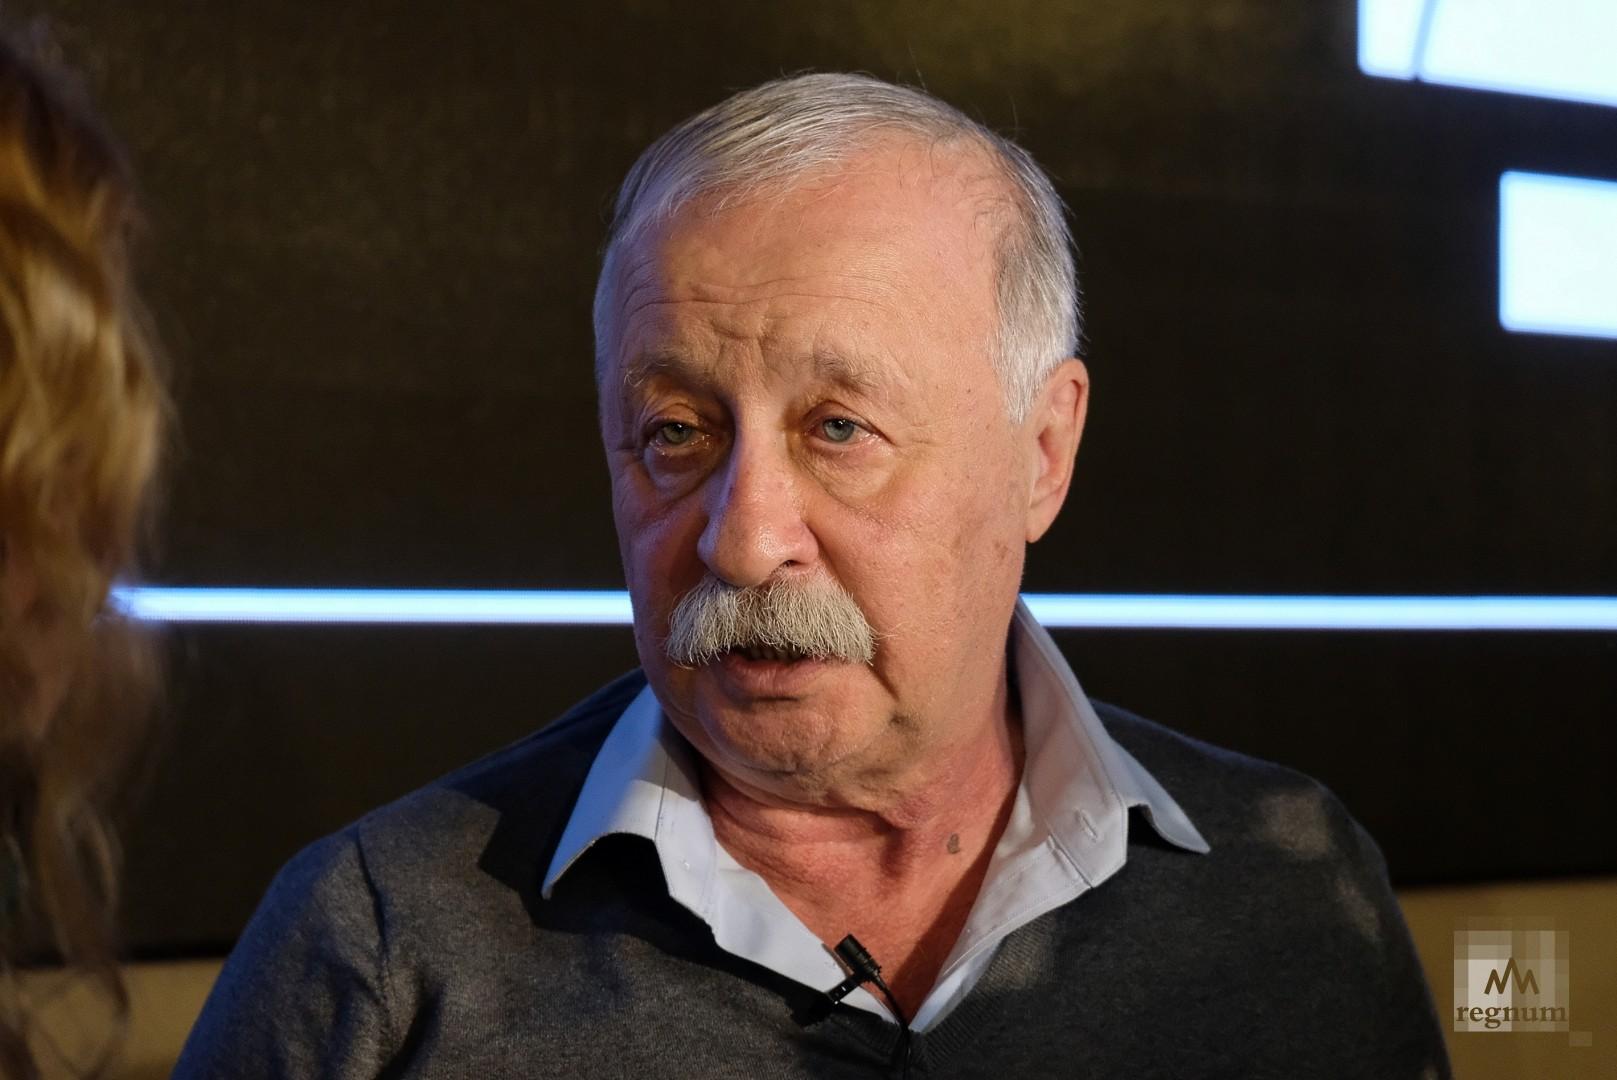 Стало известно, сколько заплатили Леониду Якубовичу за выступление на сцене МХАТа